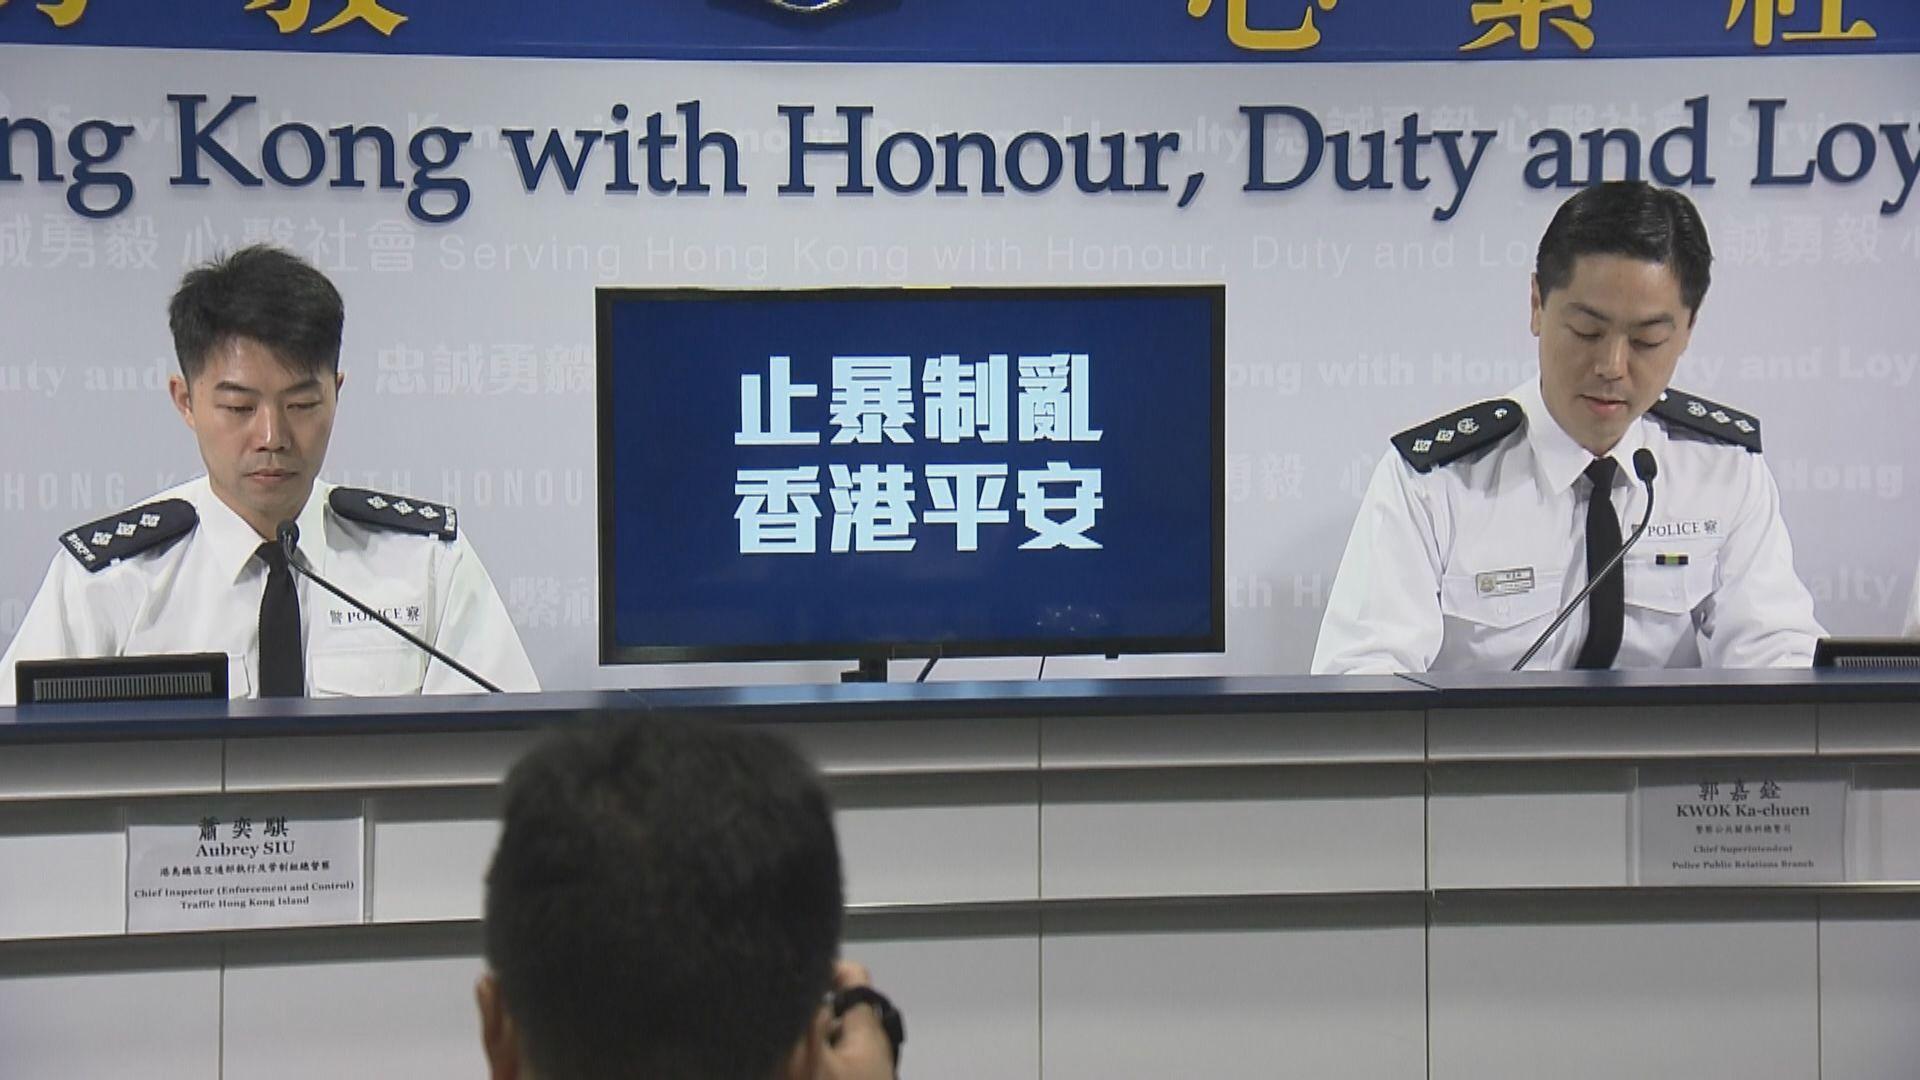 警方:主動調查記者身份證被拍下一事